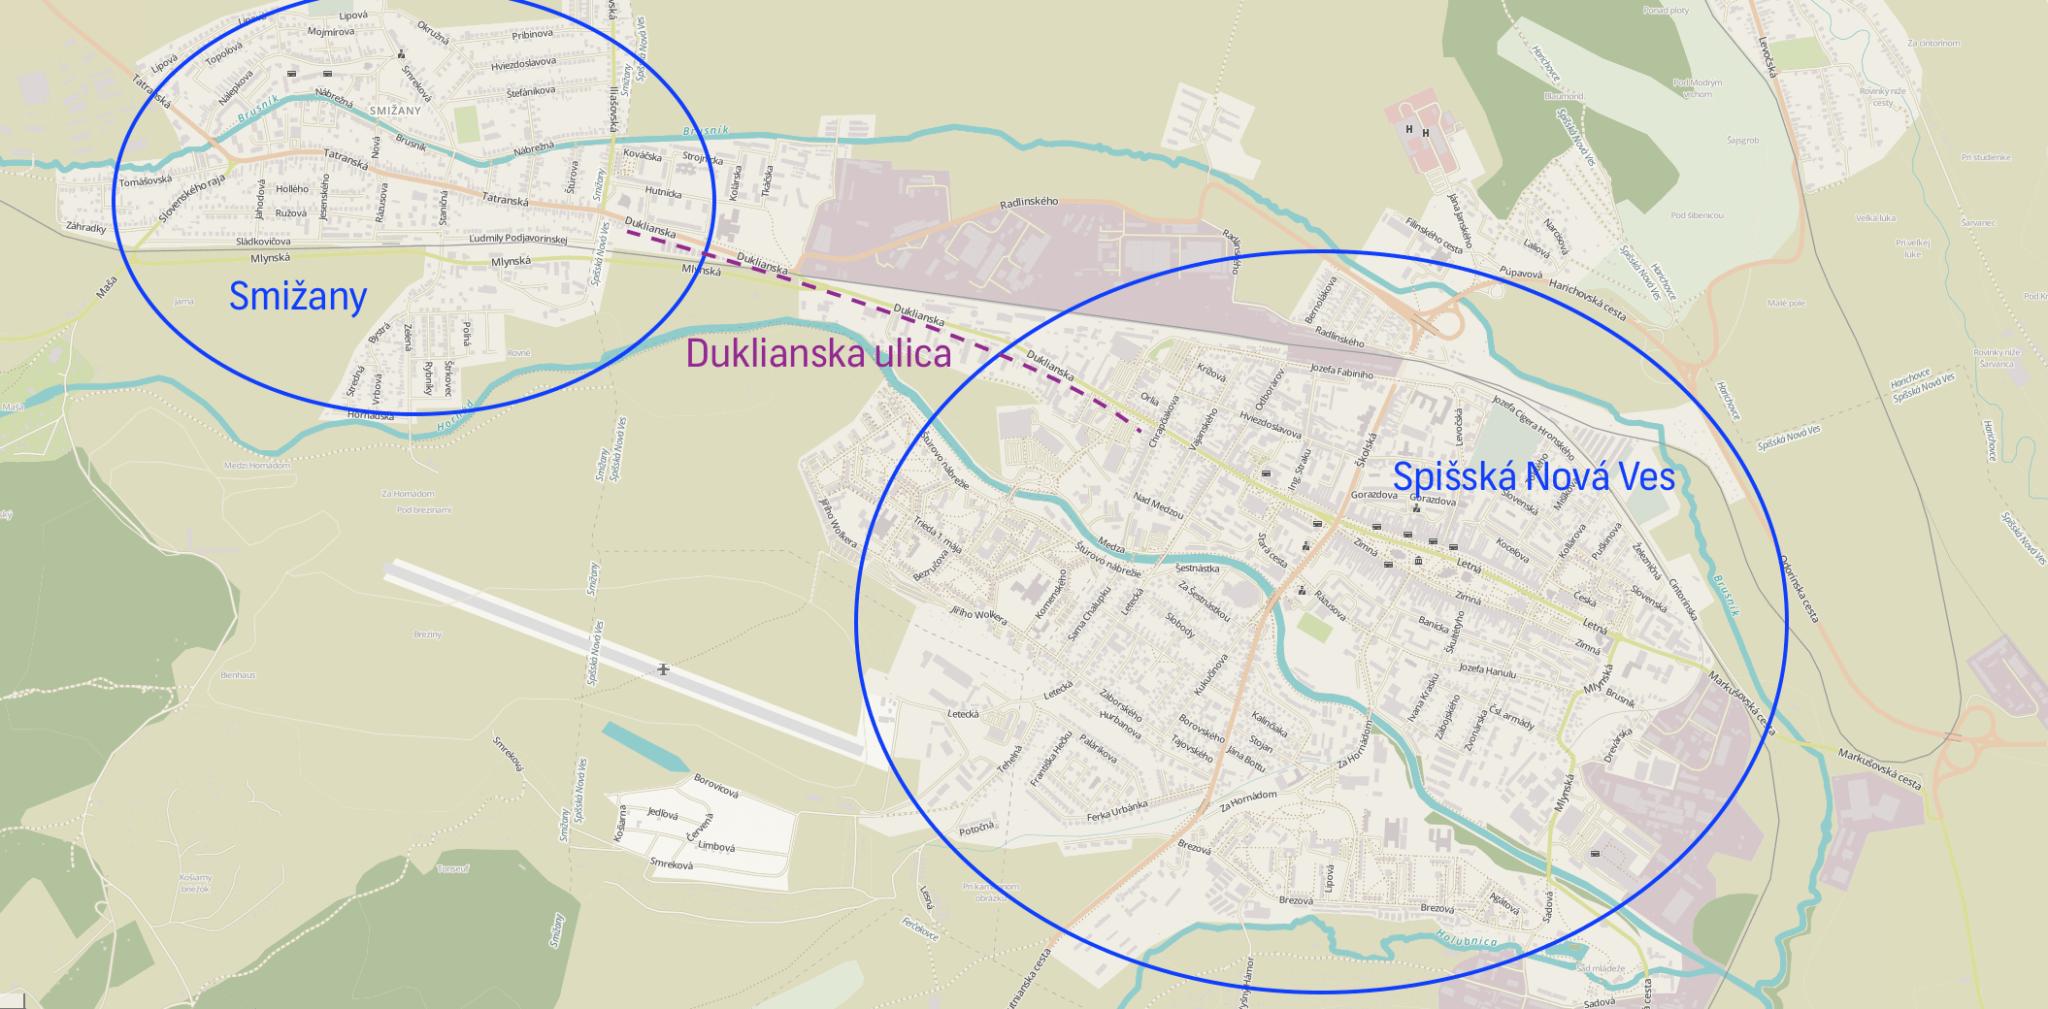 Poloha mesta Spišská Nová Ves a obce Smižany